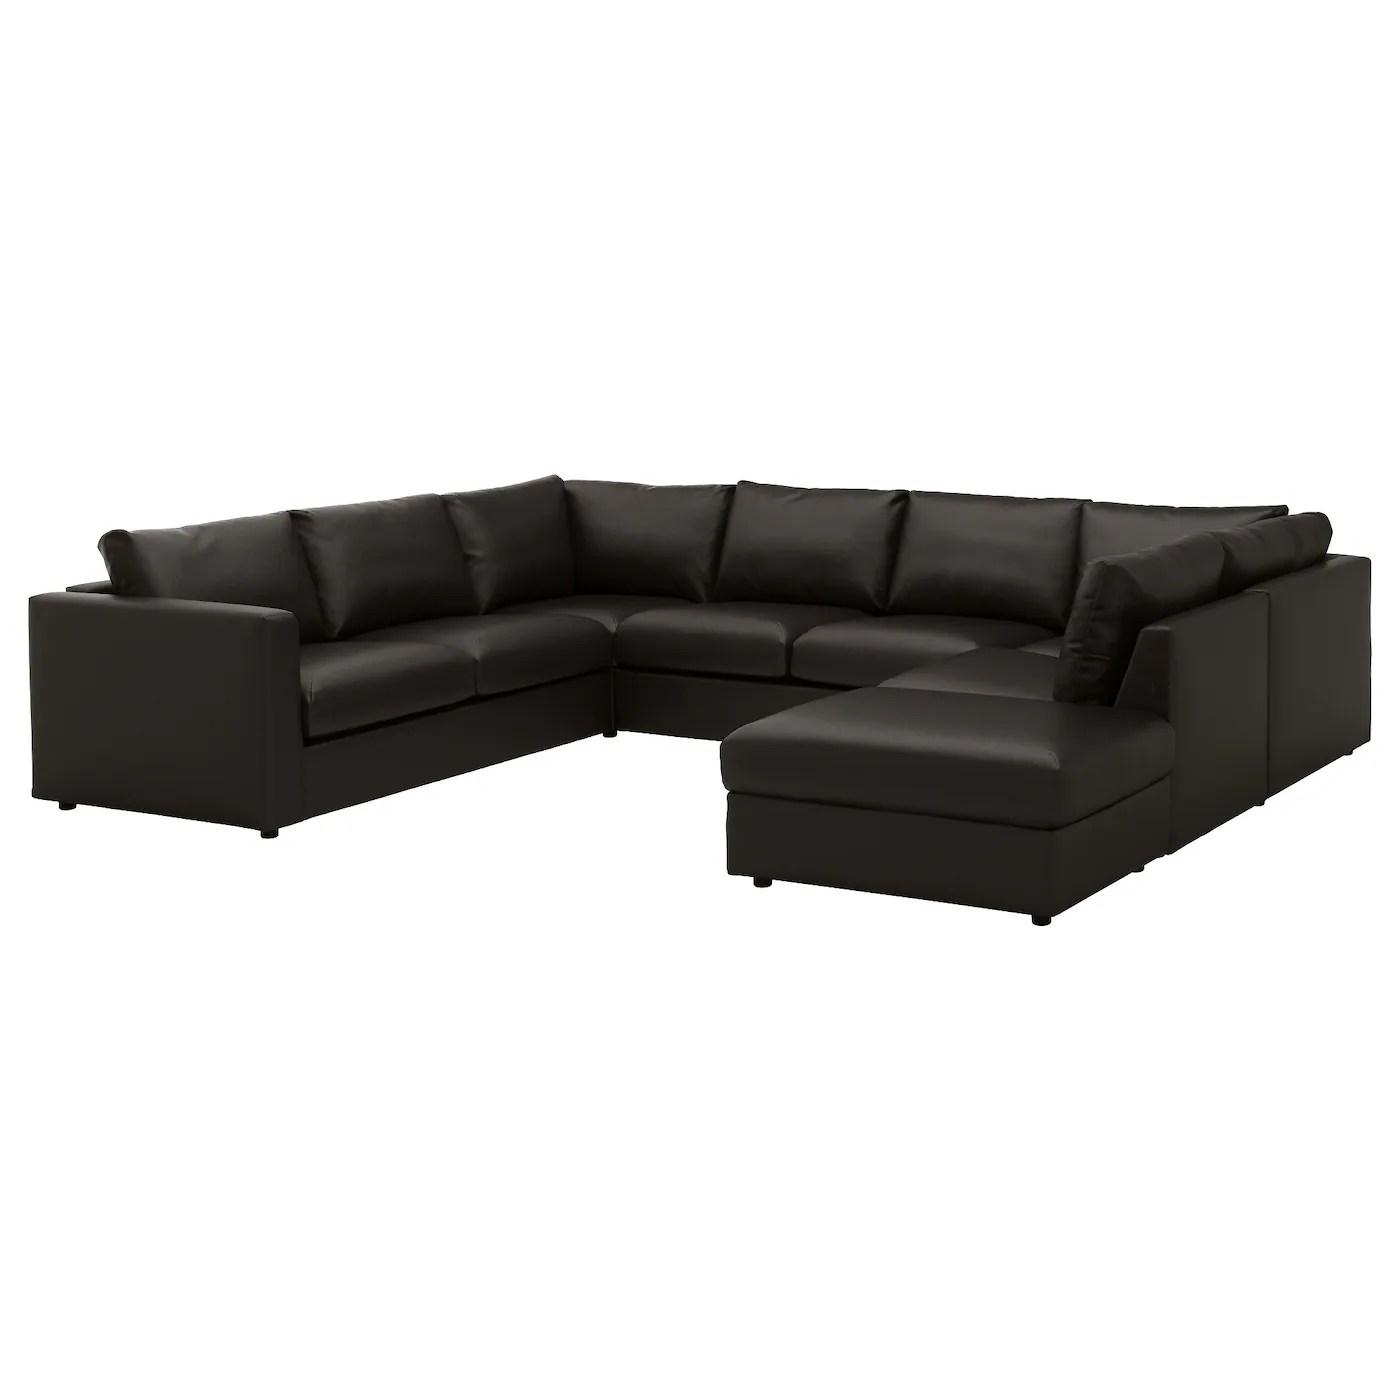 u sofa italia leather vimle shaped 6 seat with open end farsta black ikea